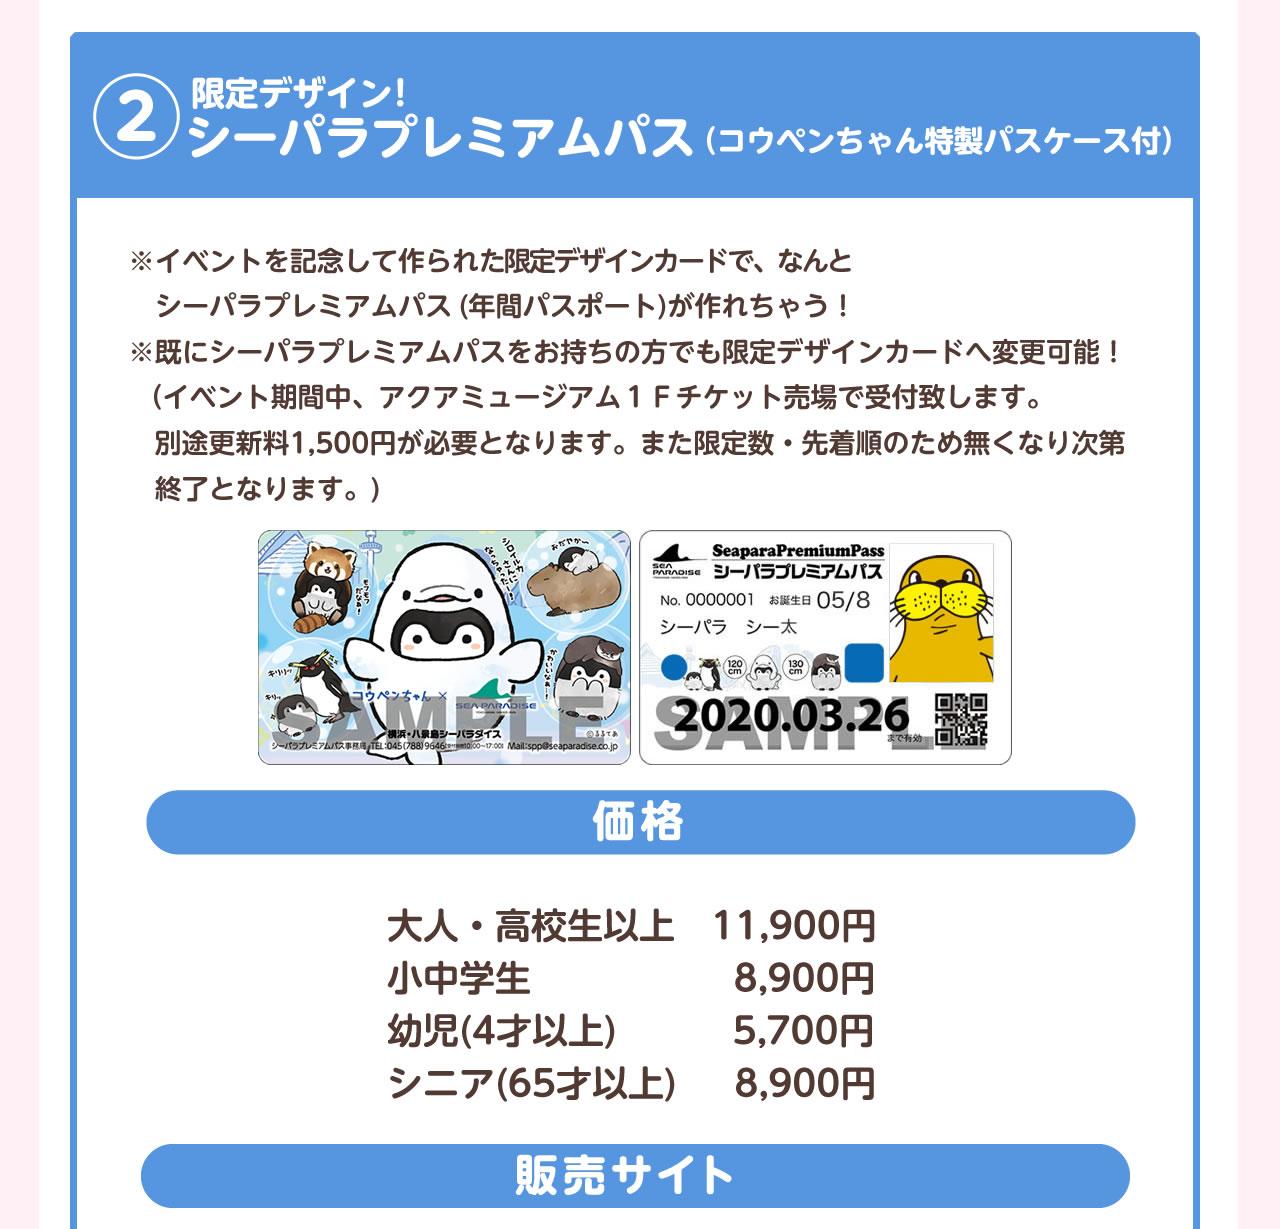 八景島 シー パラダイス チケット